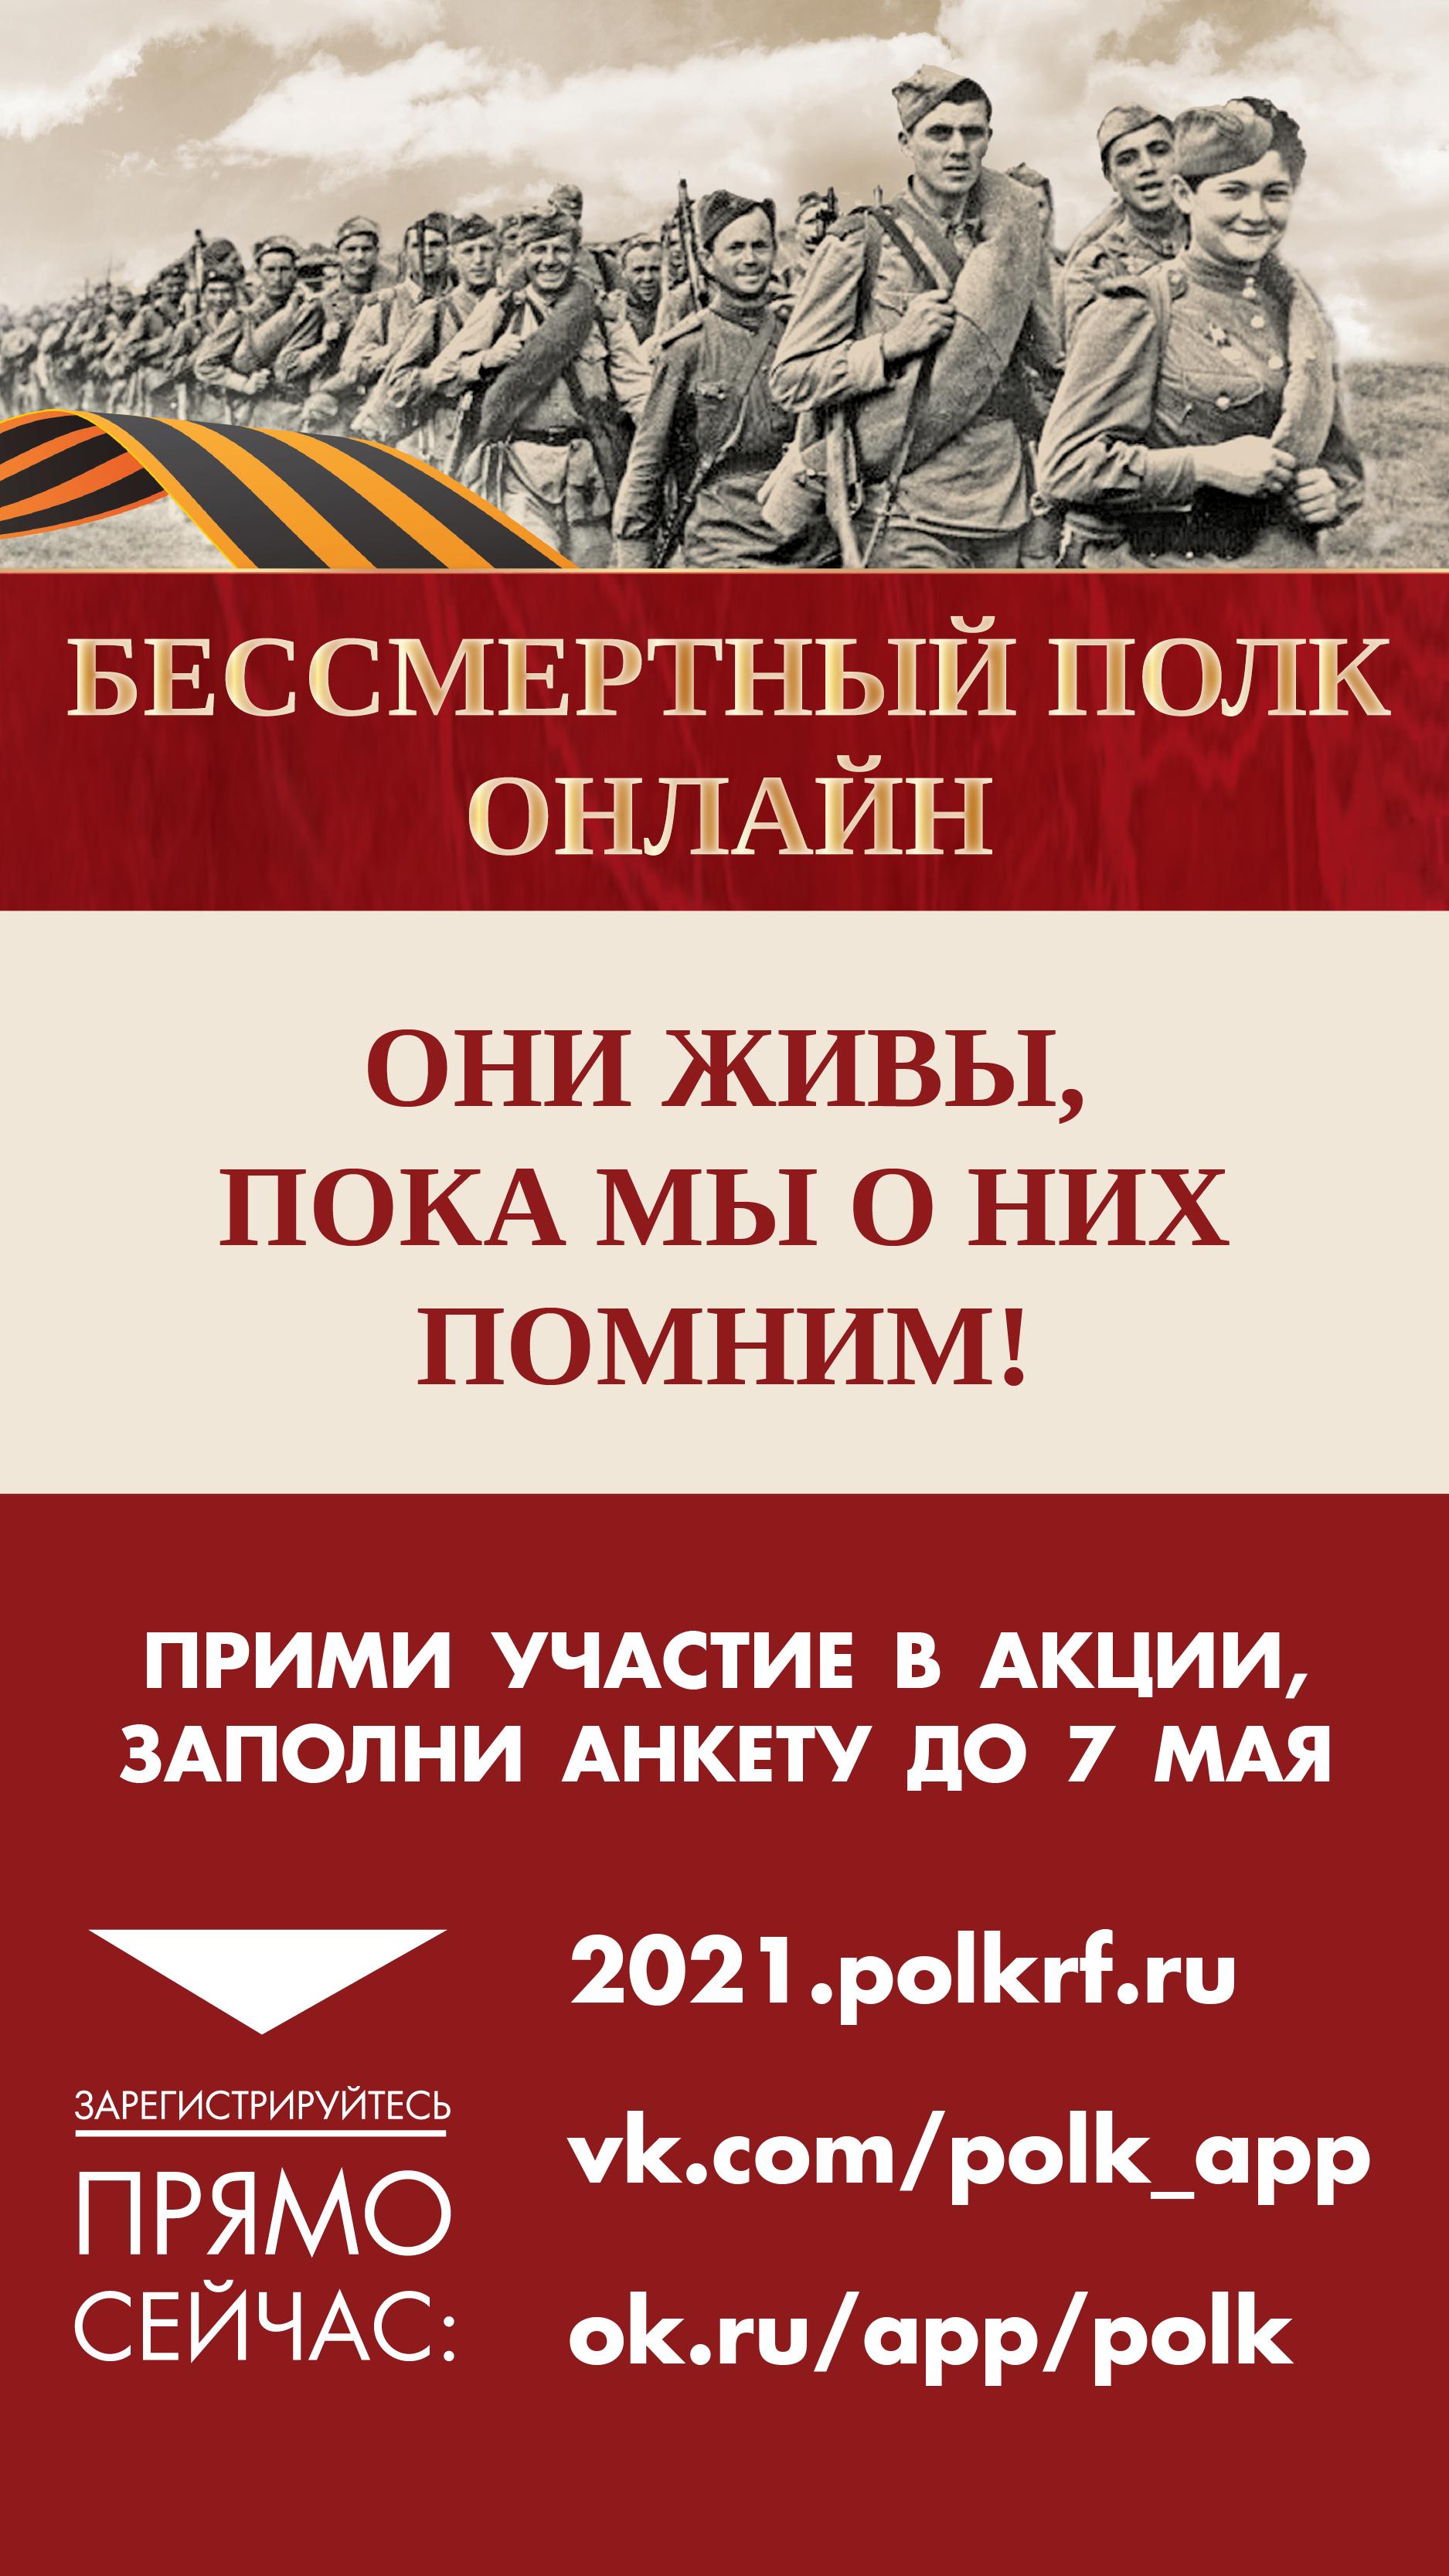 Всероссийская акция «Бессмертный полк»